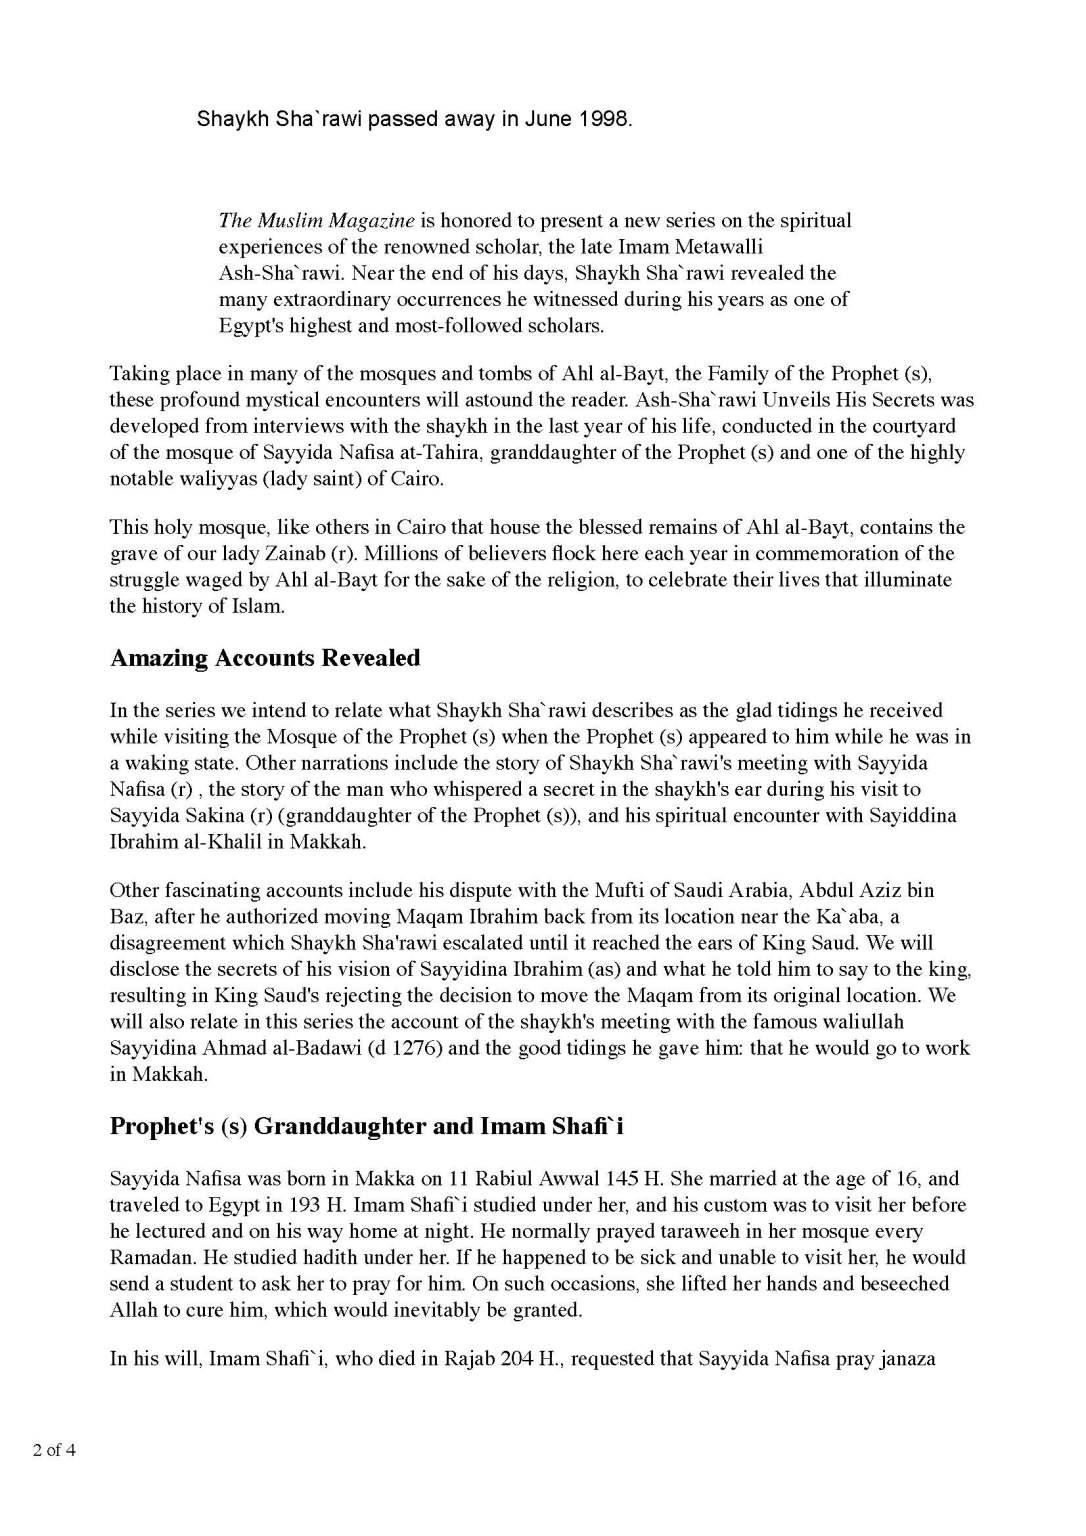 Shaykh-Sharawi-Bio_Page_2